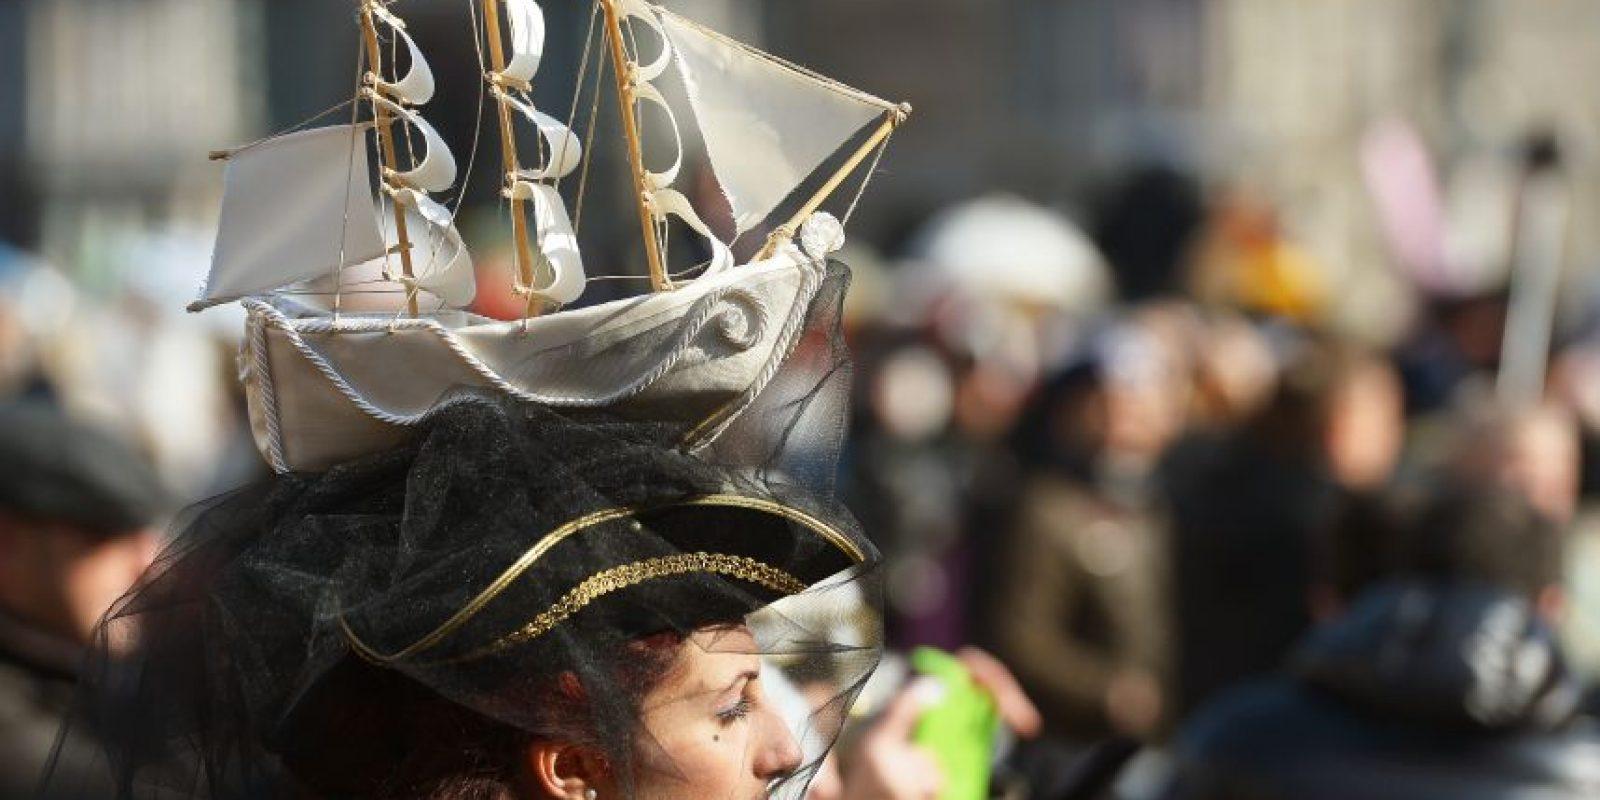 Algunos prefieren llevar sombreros muy singulares Foto:AFP